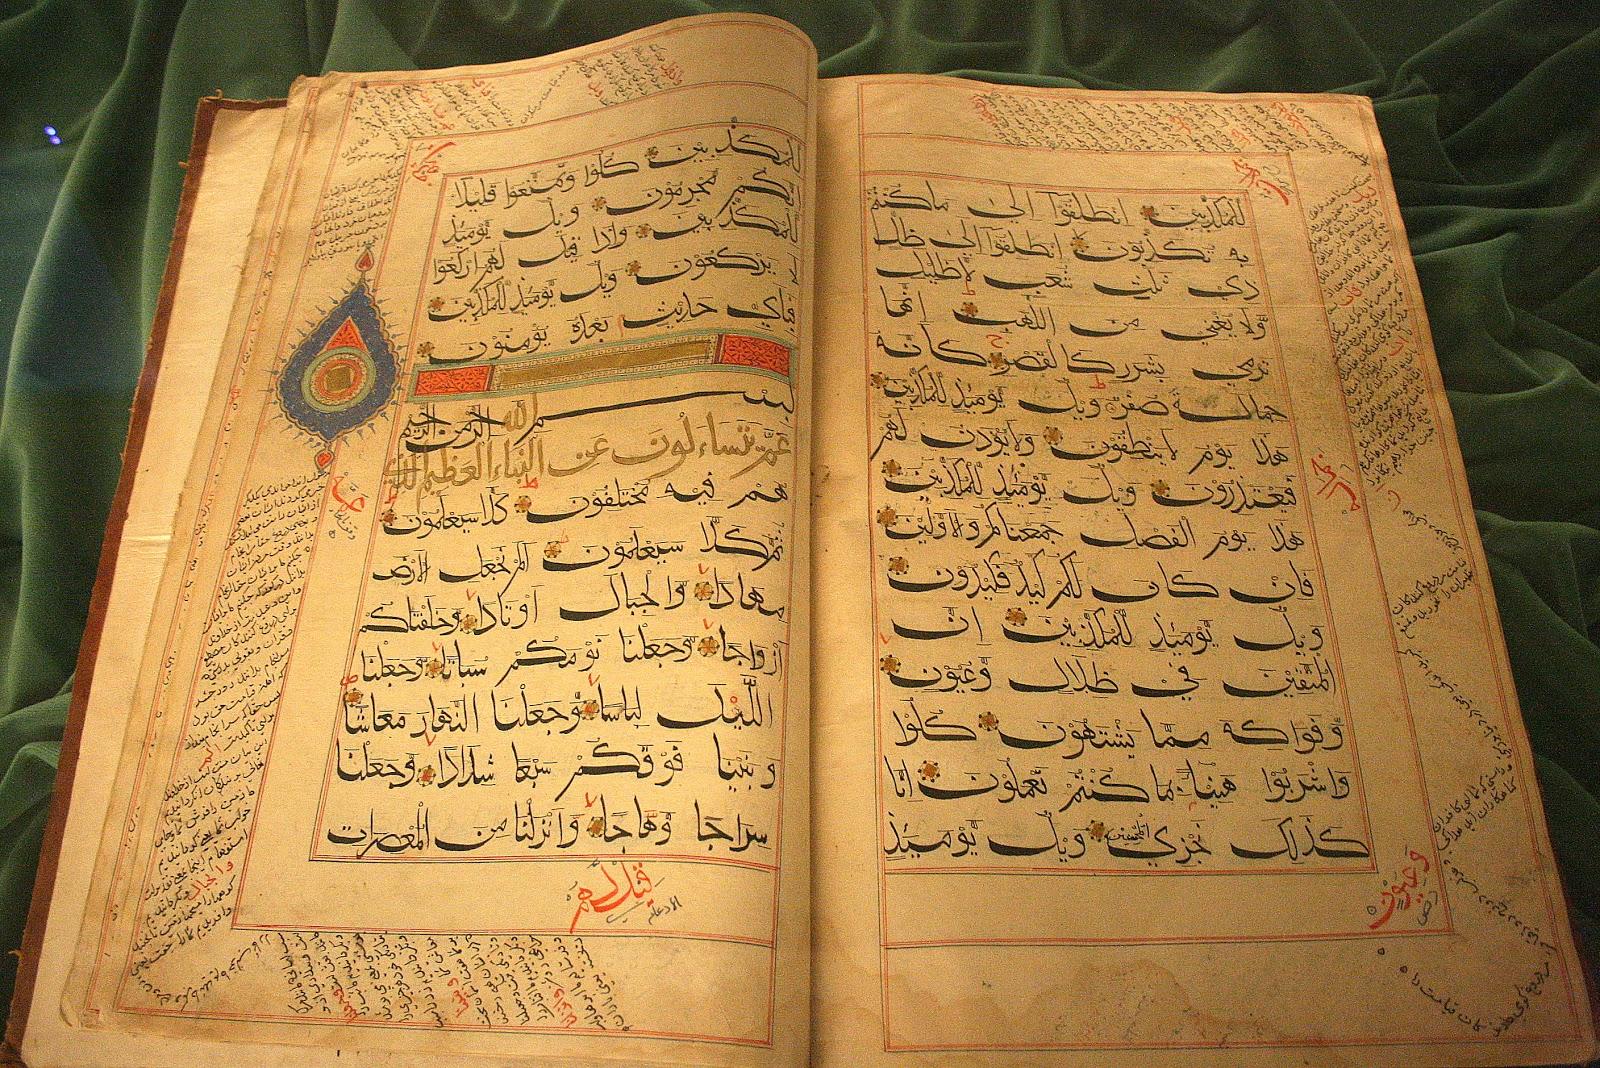 Llibre en àrab